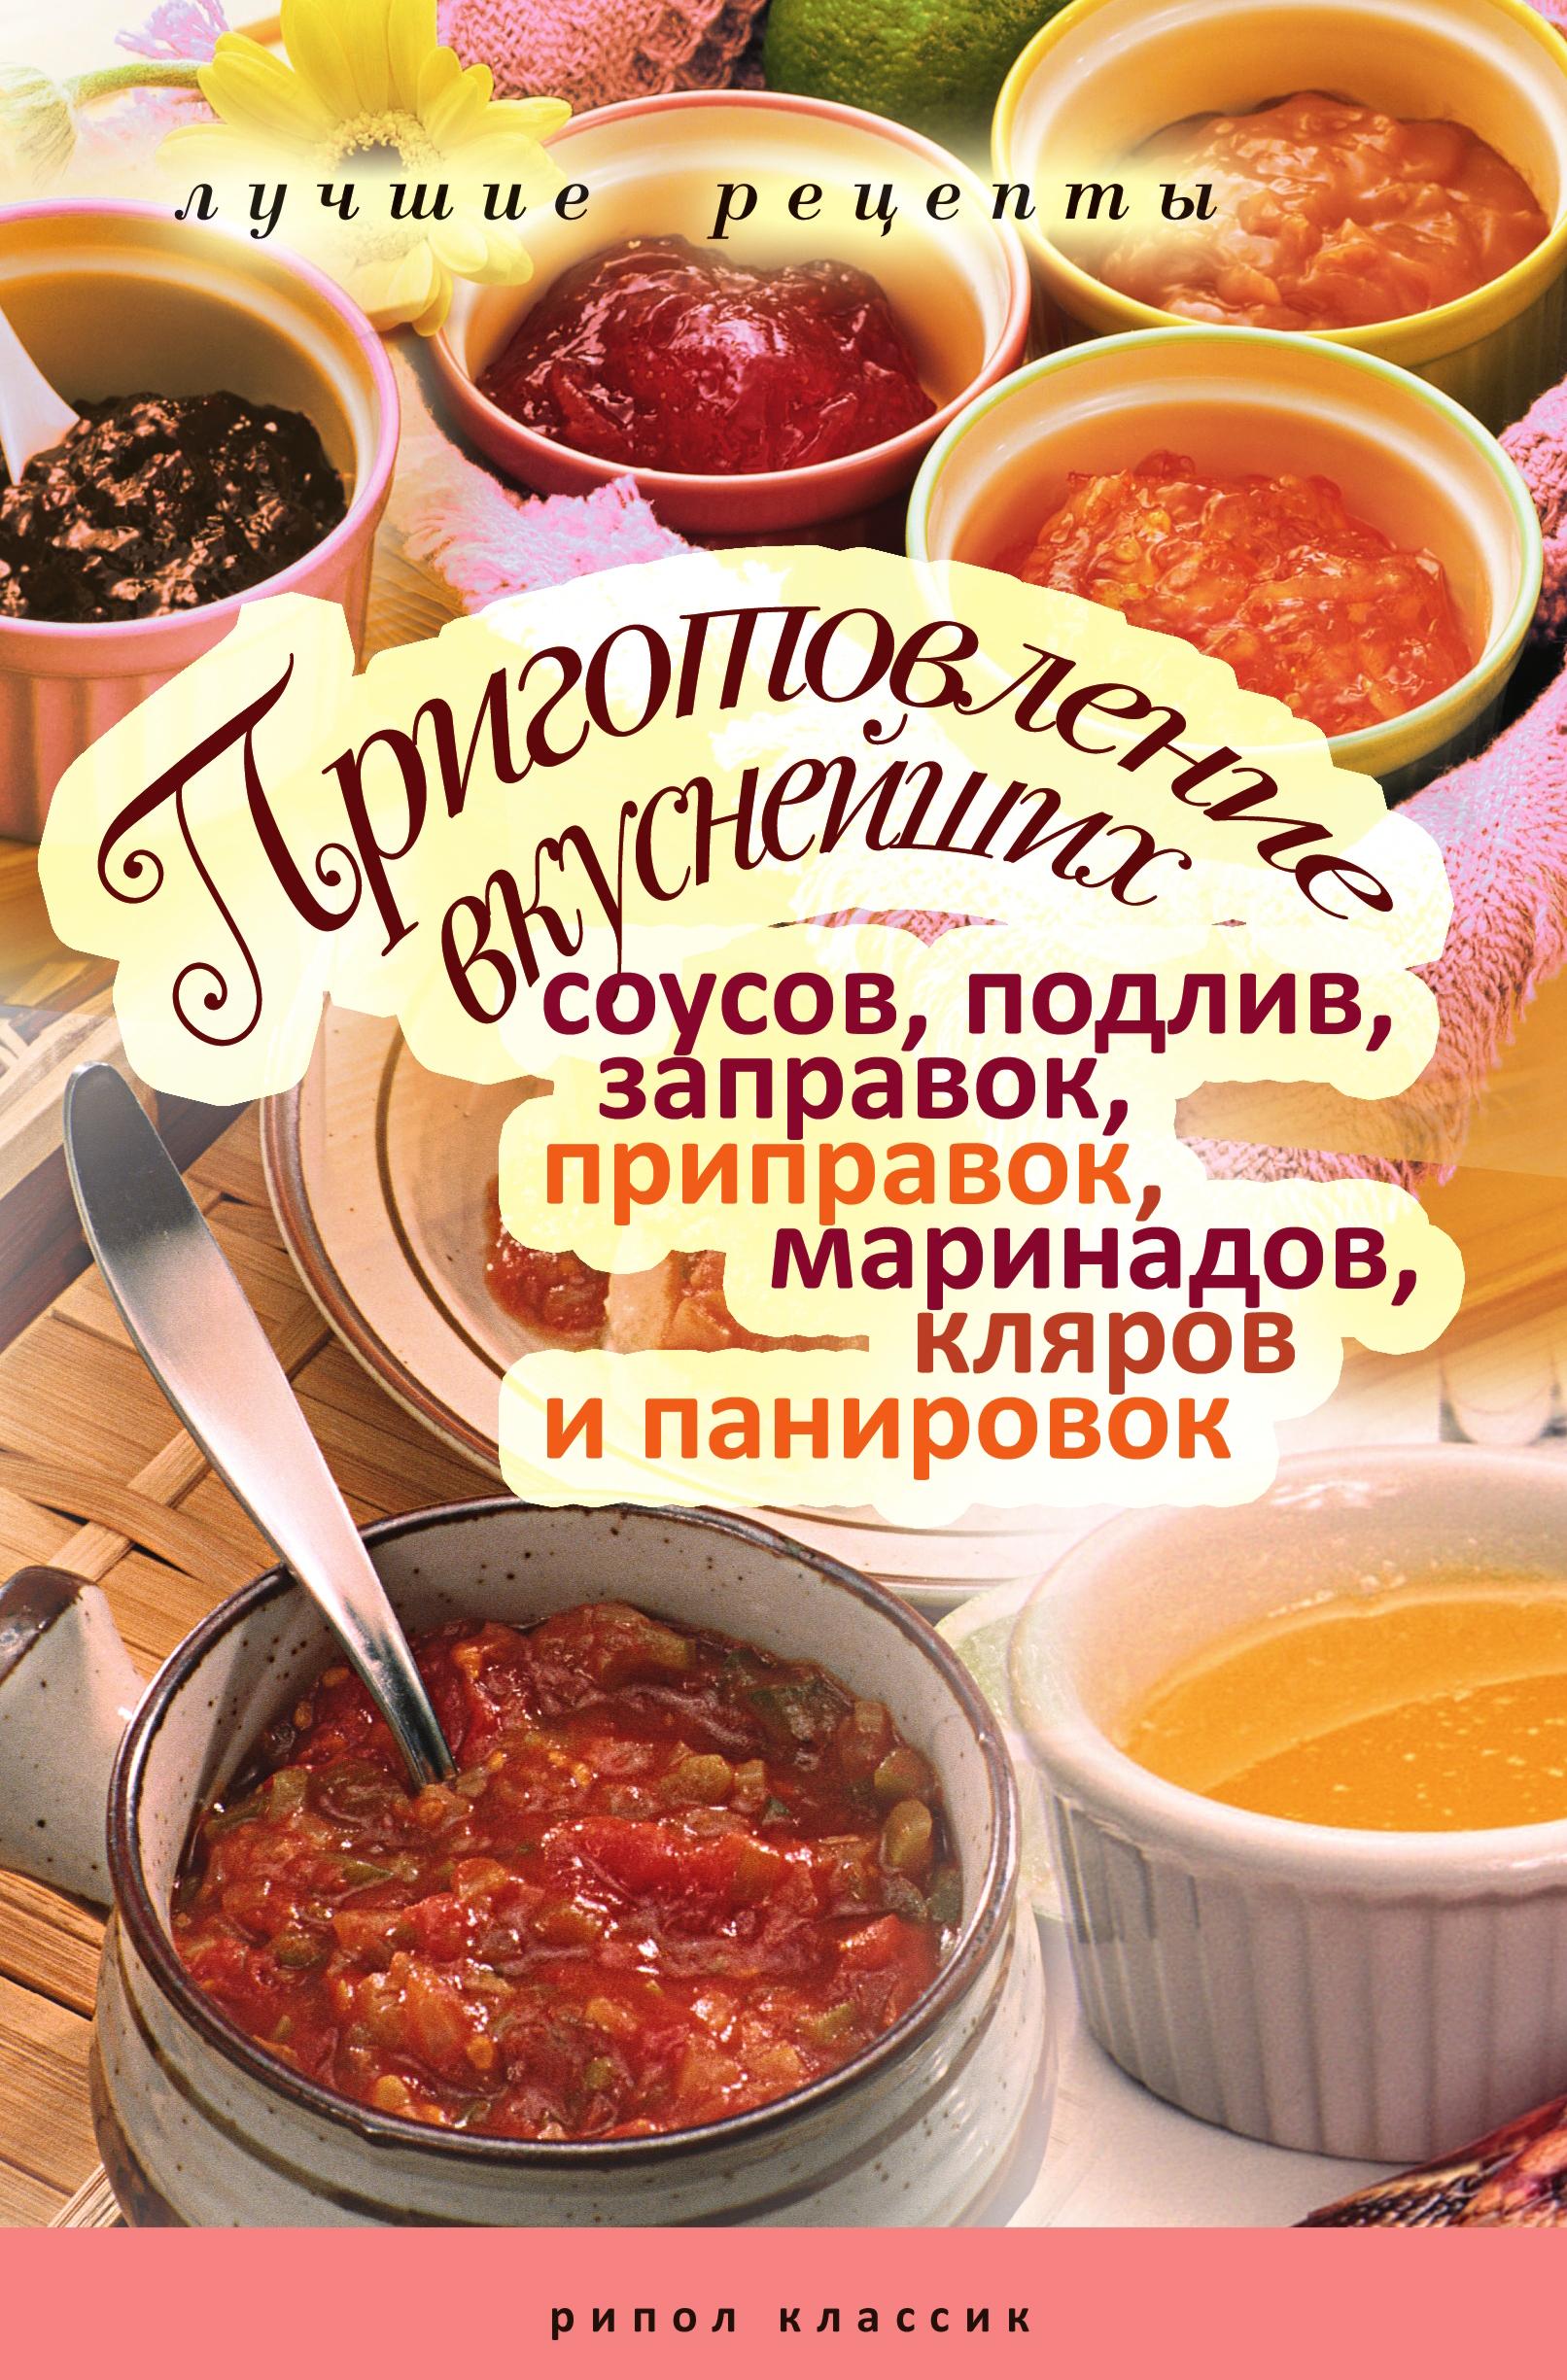 Приготовление вкуснейших соусов, подлив, заправок, приправок, маринадов, кляров и панировок. Лучшие рецепты